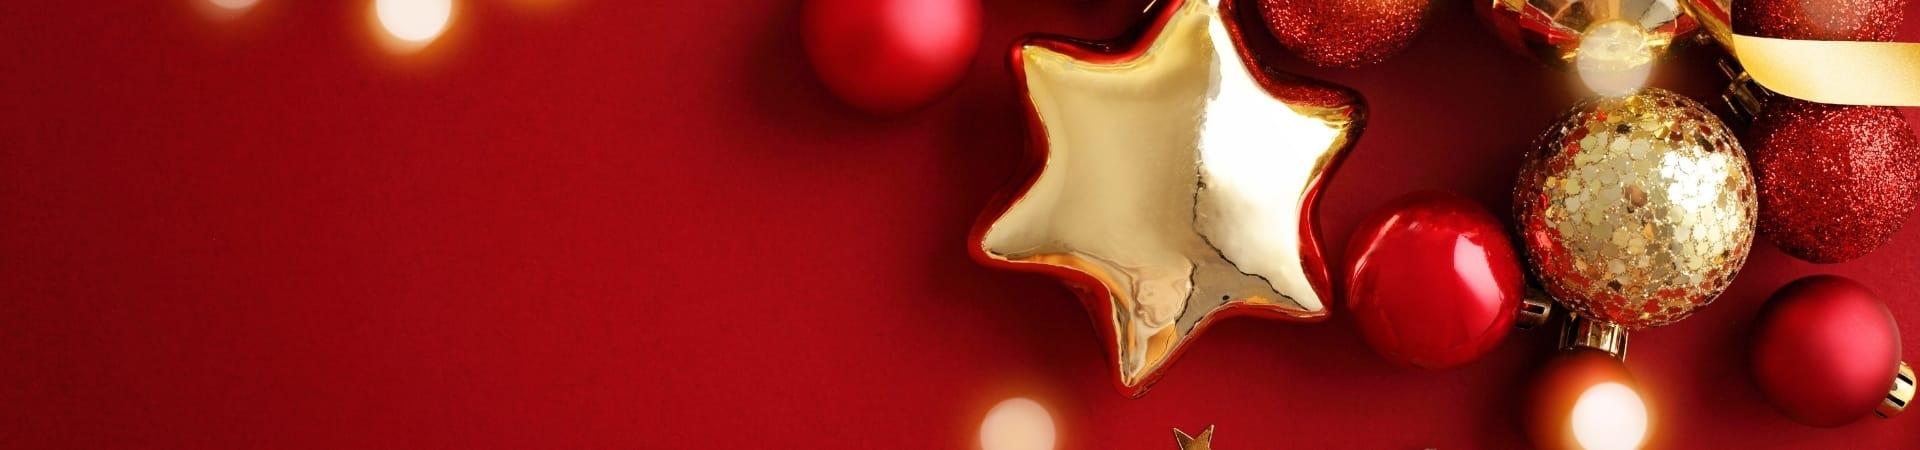 Cómo podemos disfrutar esta Navidad diferente en tiempos del COVID 19